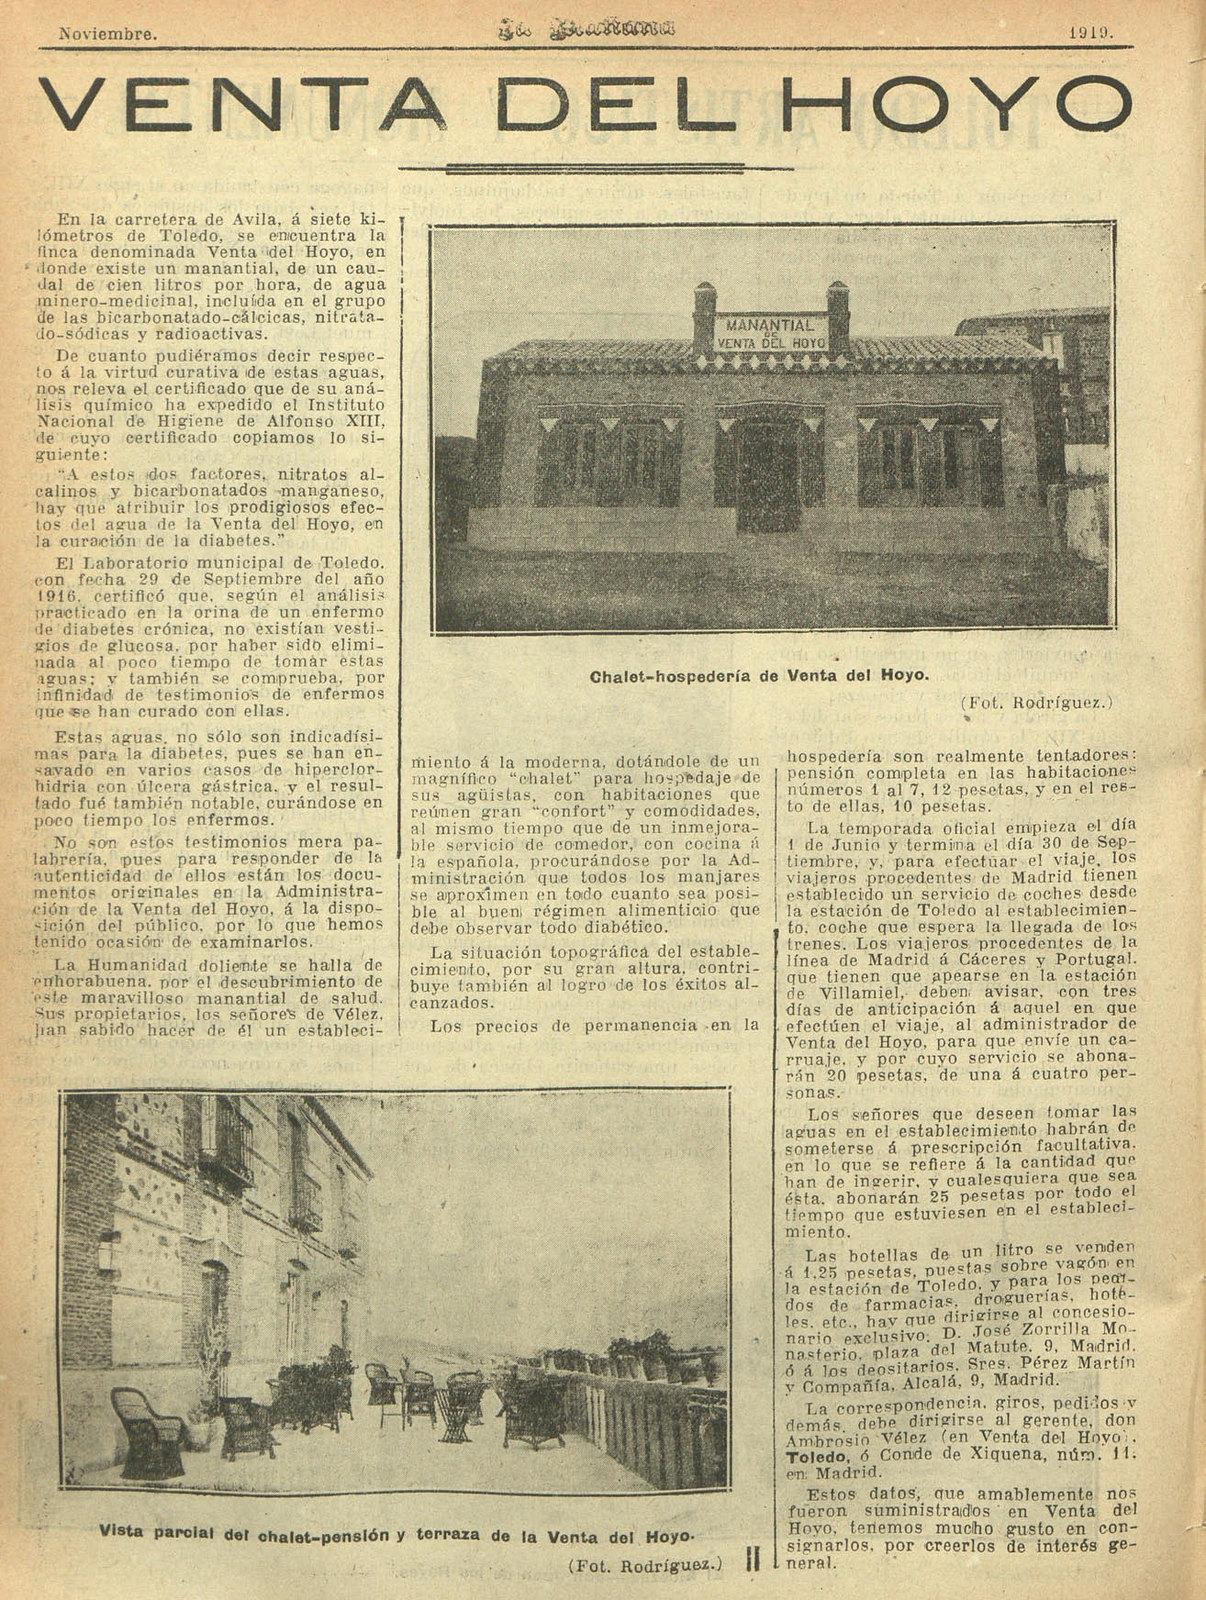 9 de noviembre de 1919, reportaje de la Venta del hoyo en La Mañana